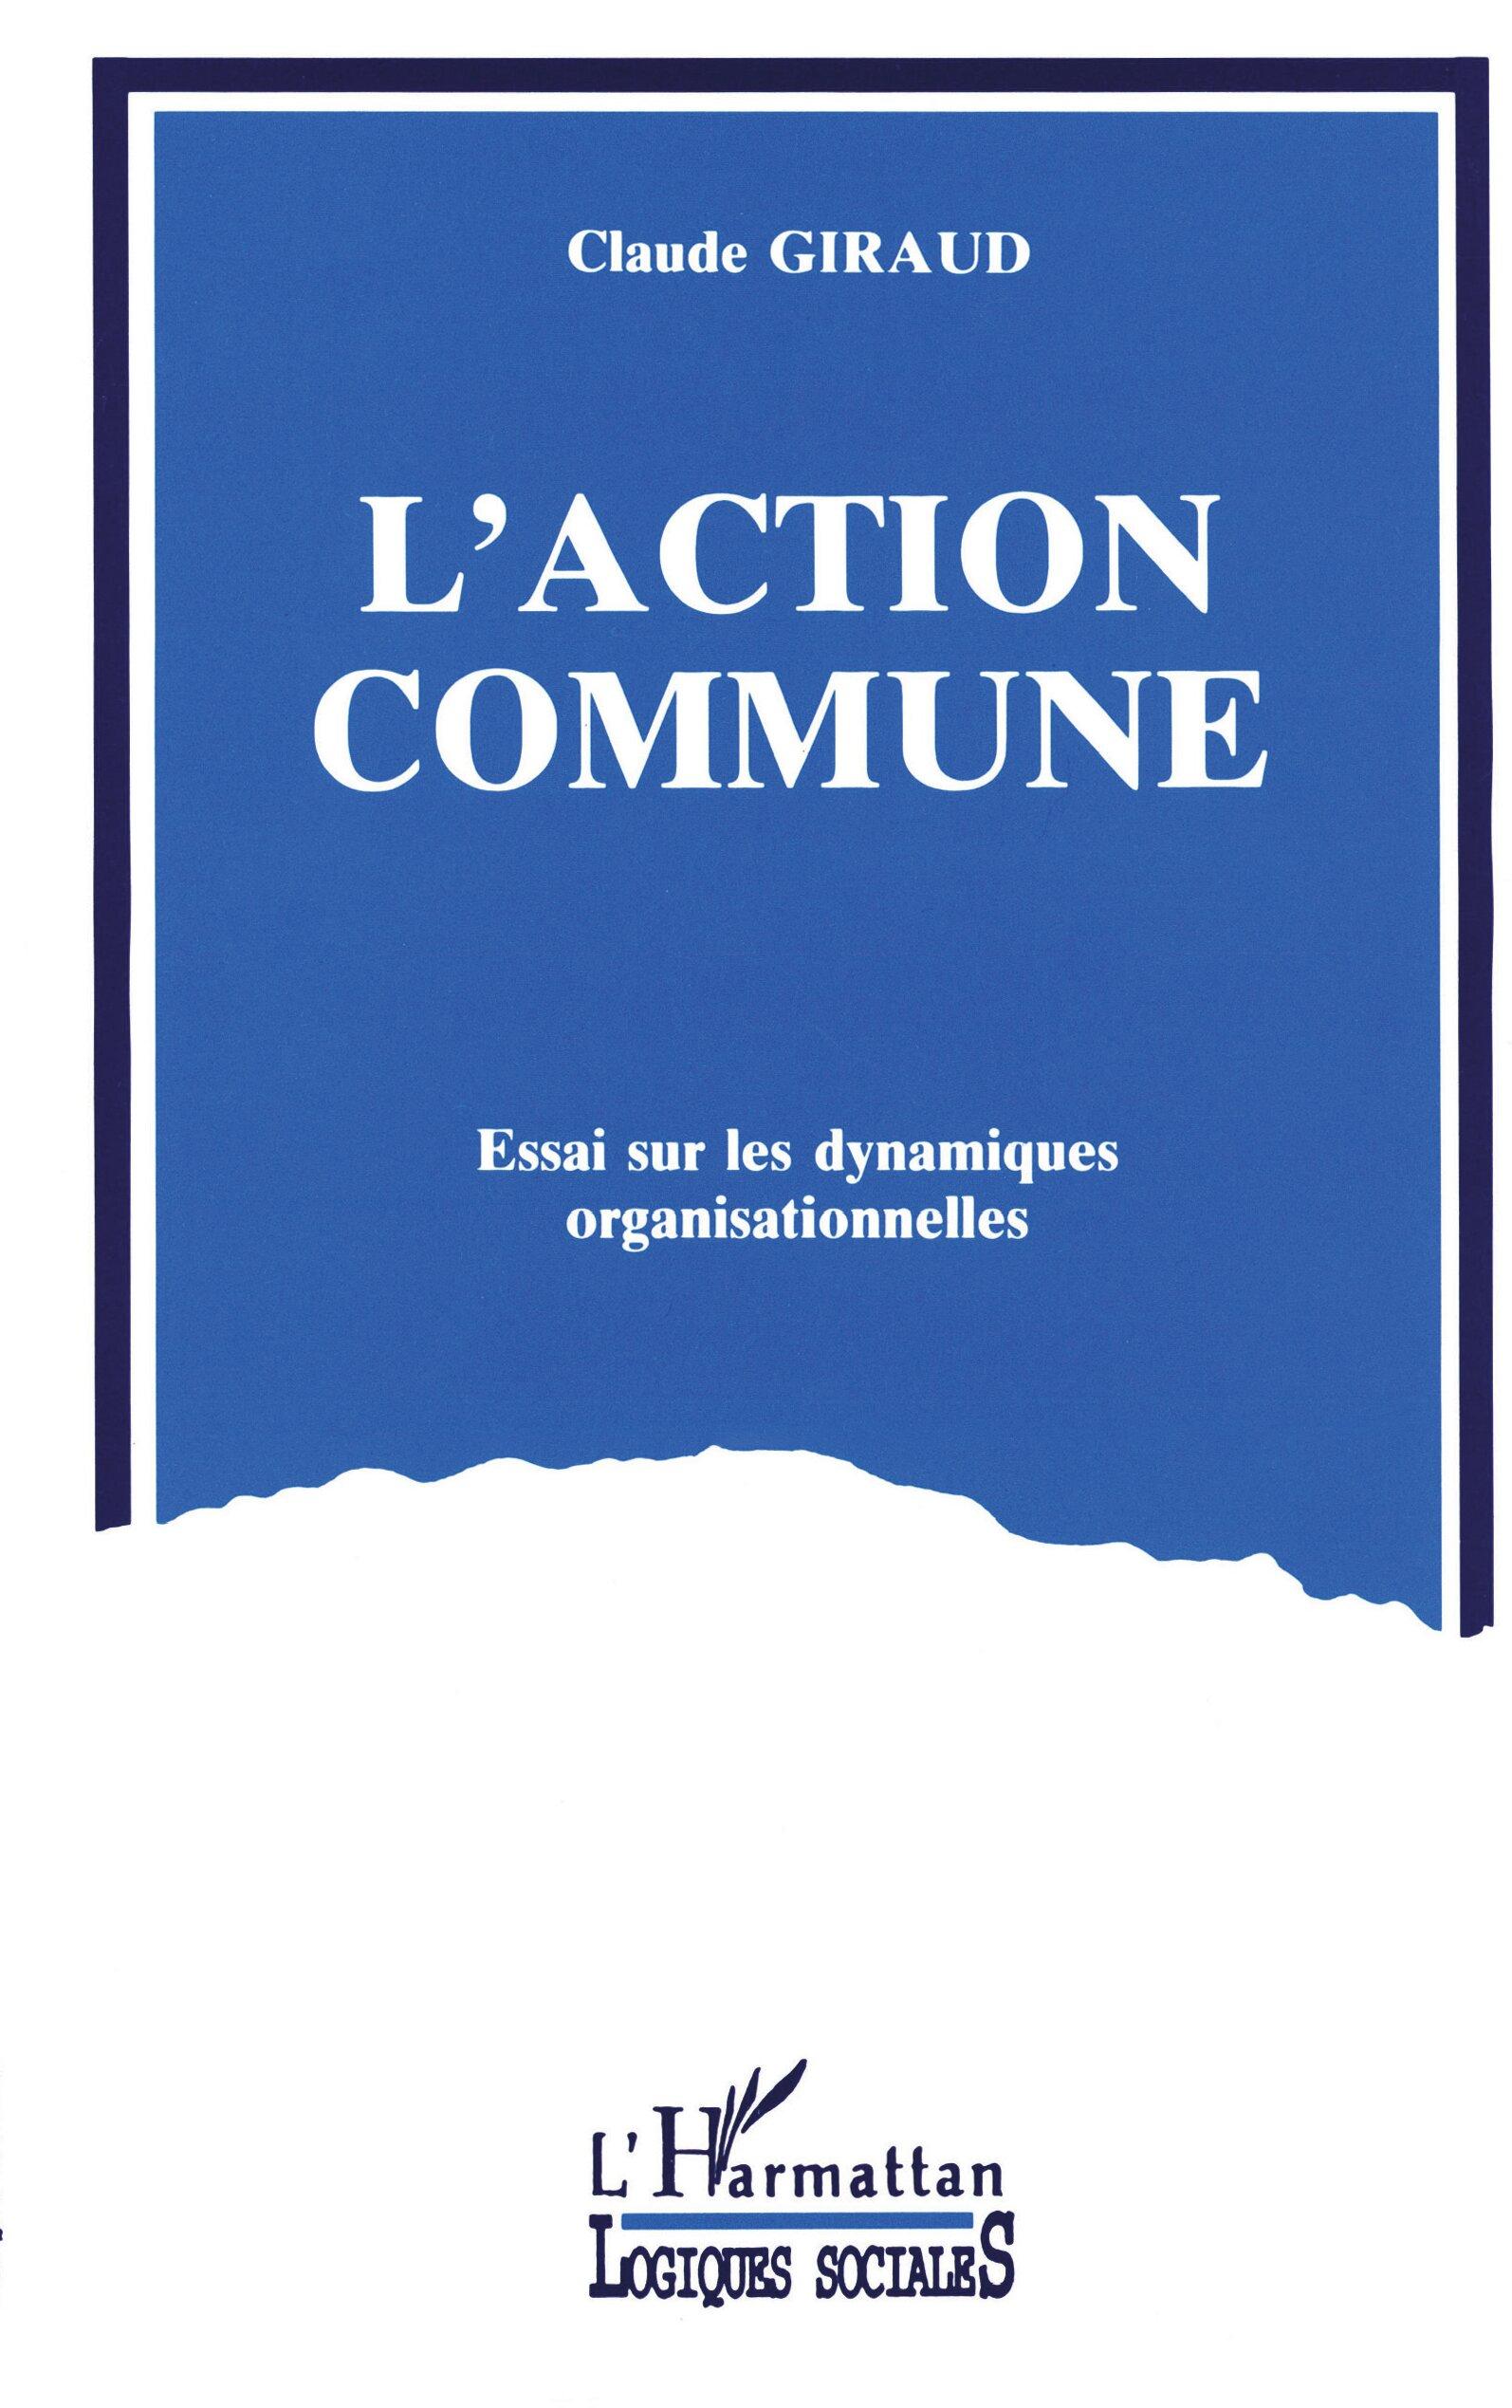 L'action commune